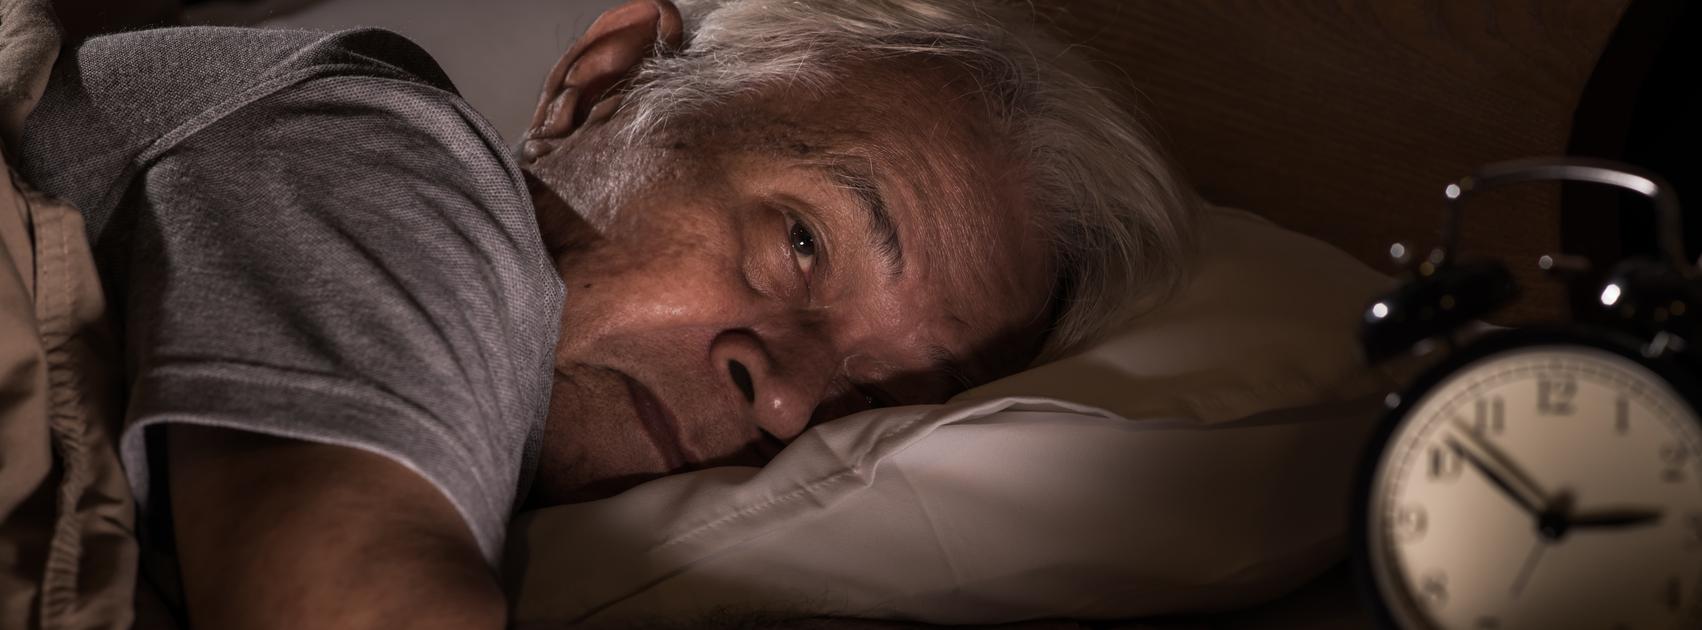 Mögliche Hausmittel gegen Schlafstörungen